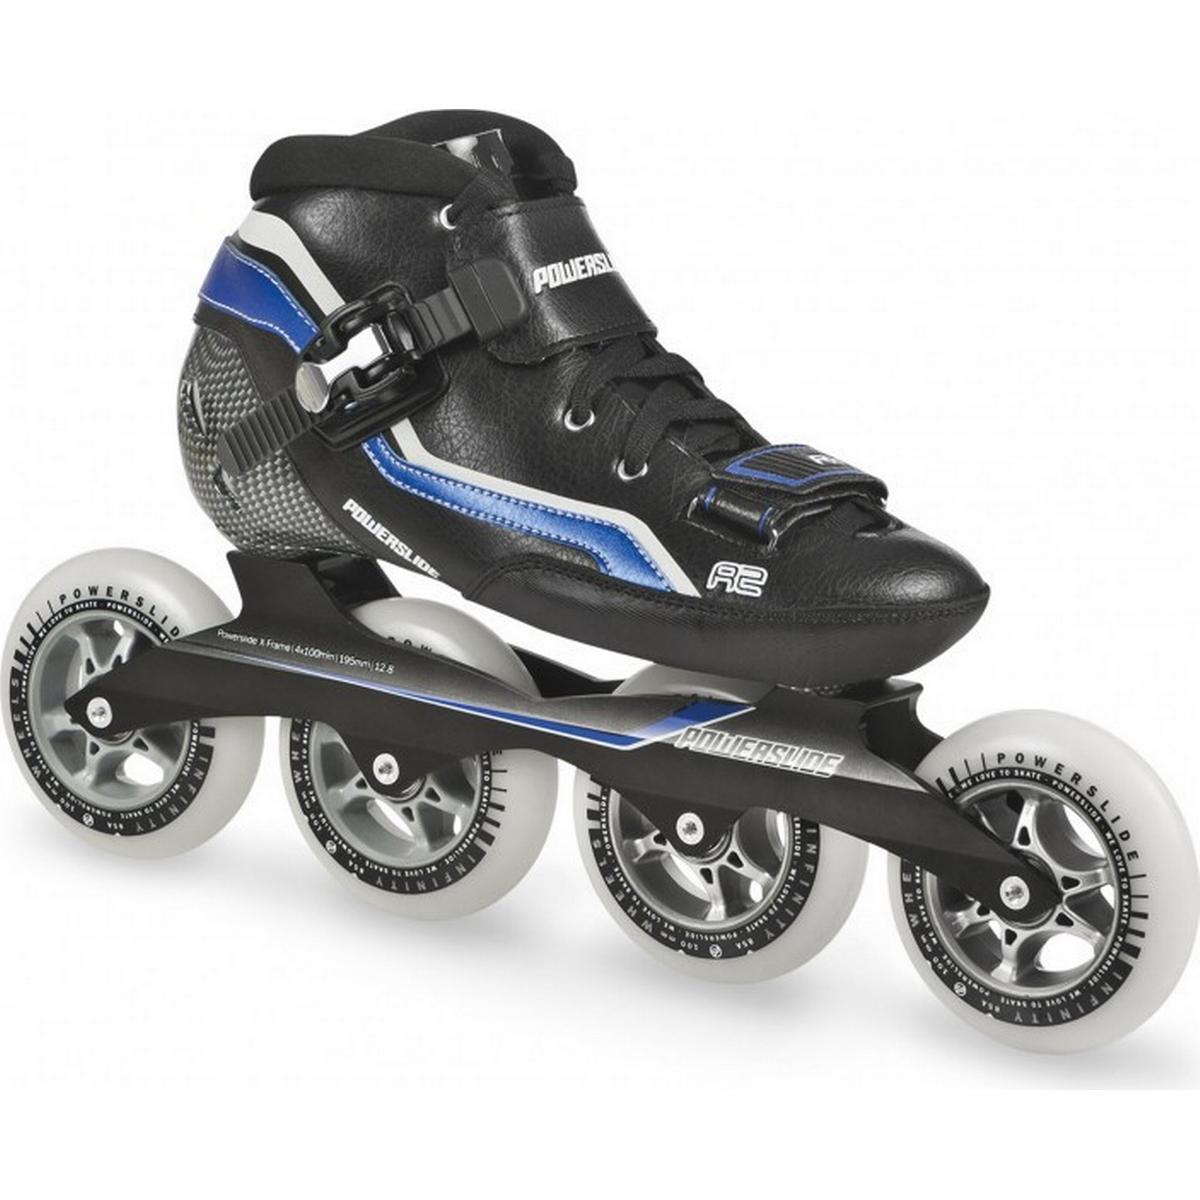 77110d9453a Powerslide Speed Skates - Sammenlign priser hos PriceRunner